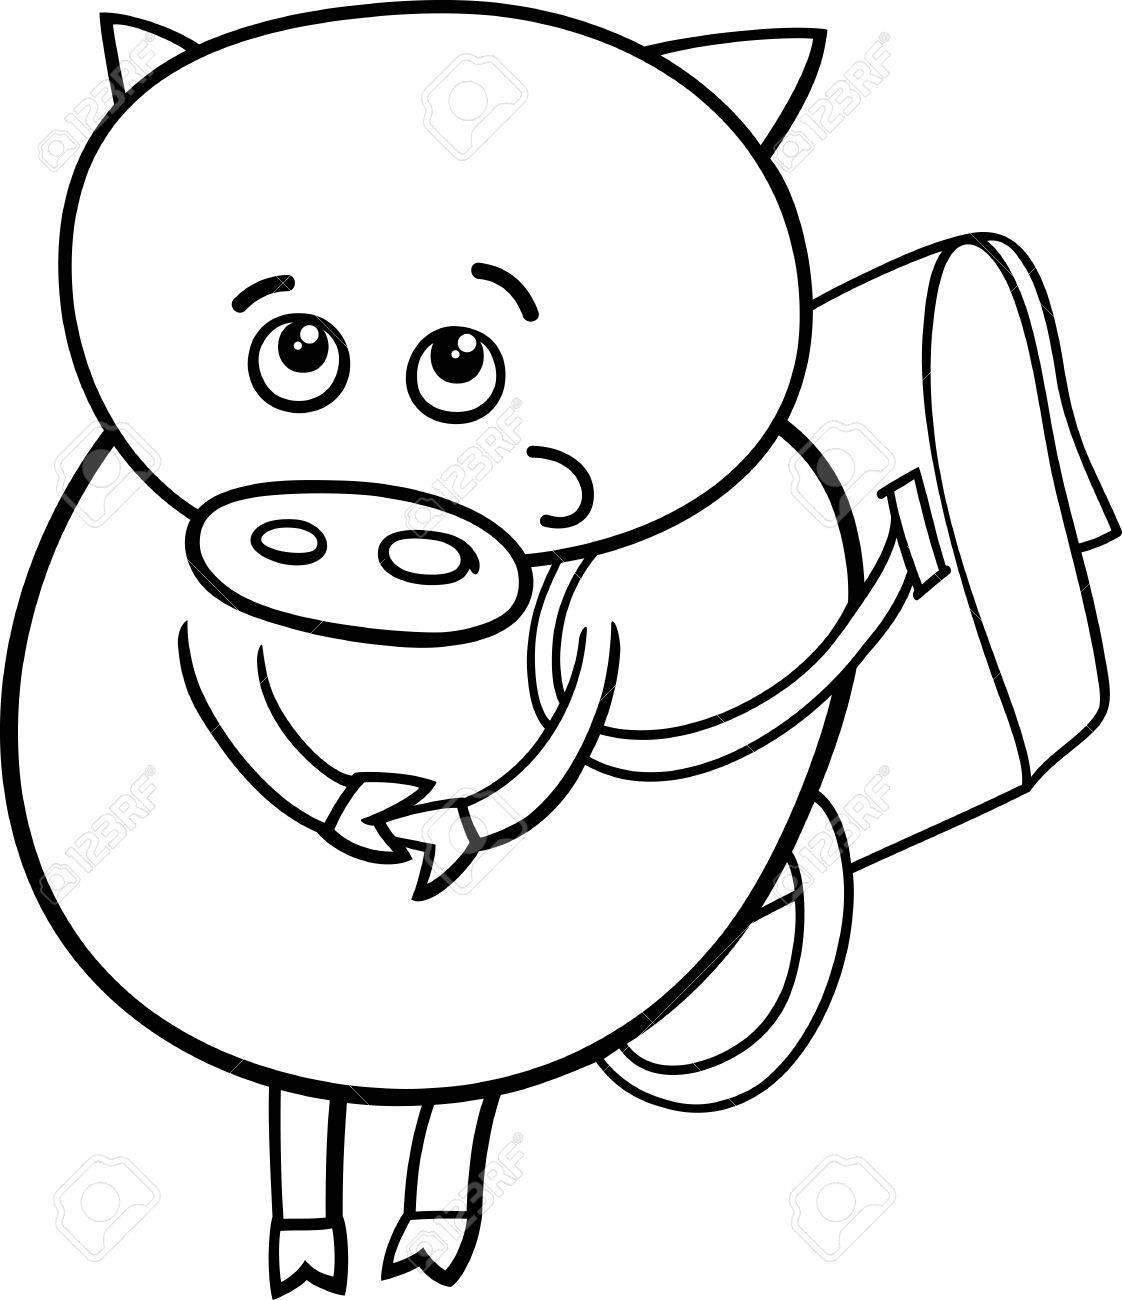 Schule clipart schwarz weiß  Schwarz Und Weiß Karikatur Illustration Der Lustige Schwein Tier ...